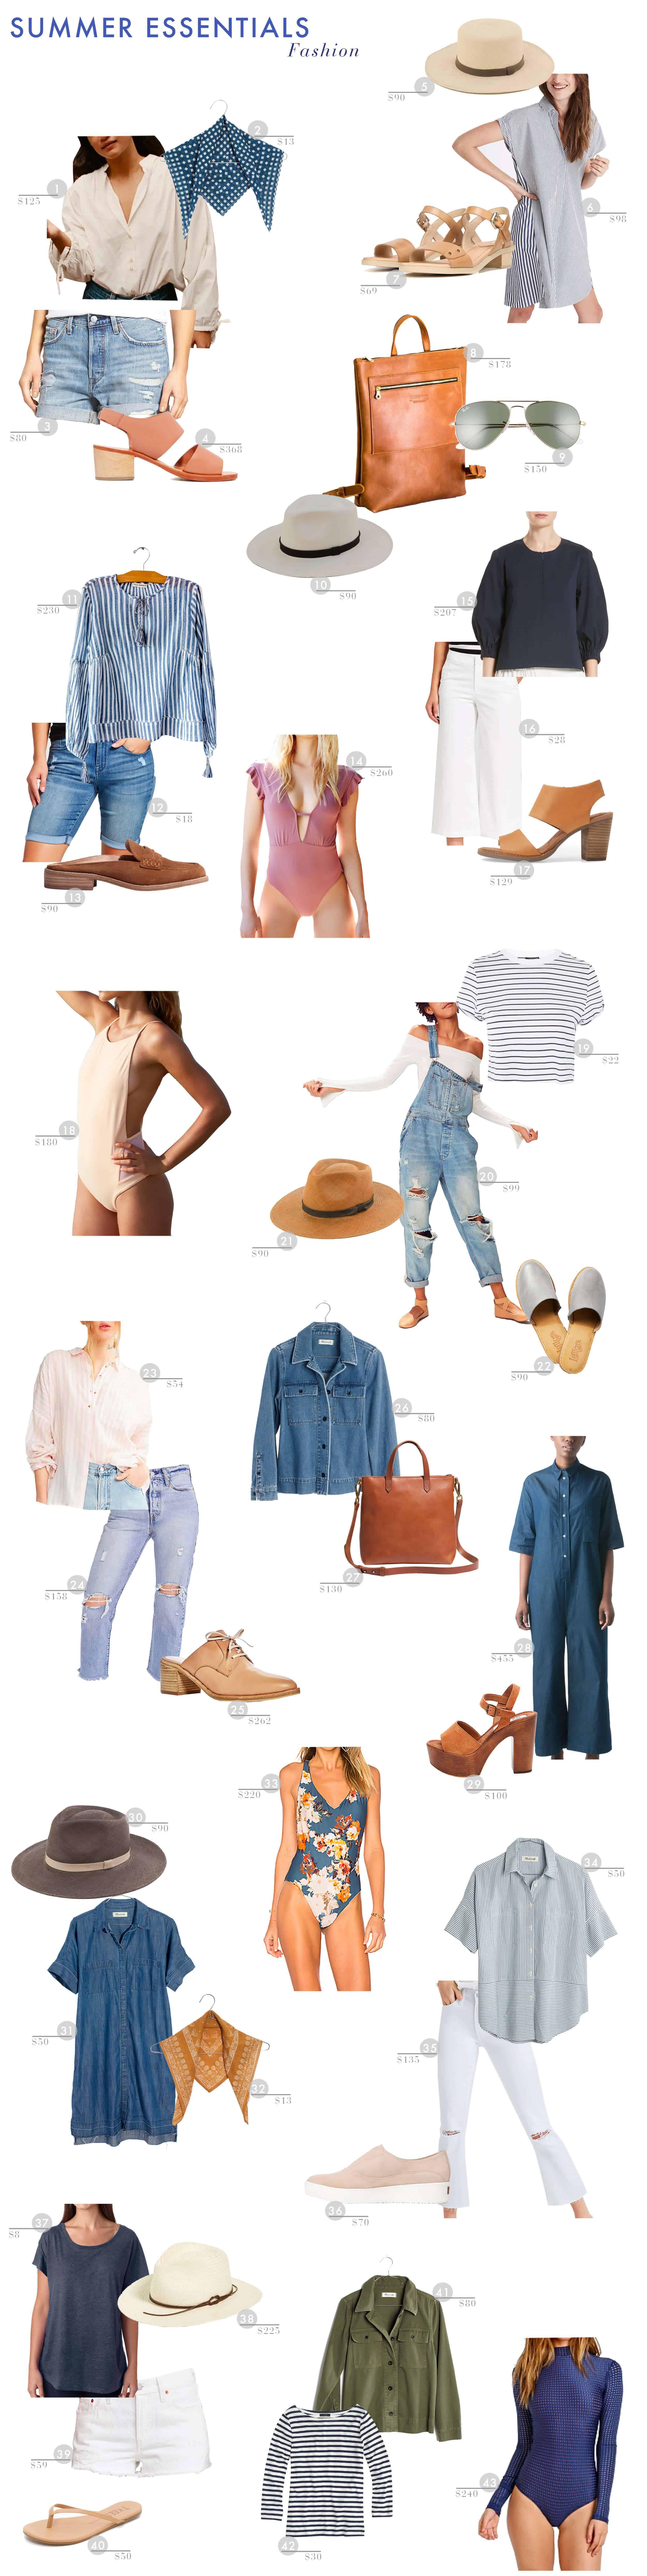 Emily-Henderson_Fashion_Summer-Essentials_Everything_2